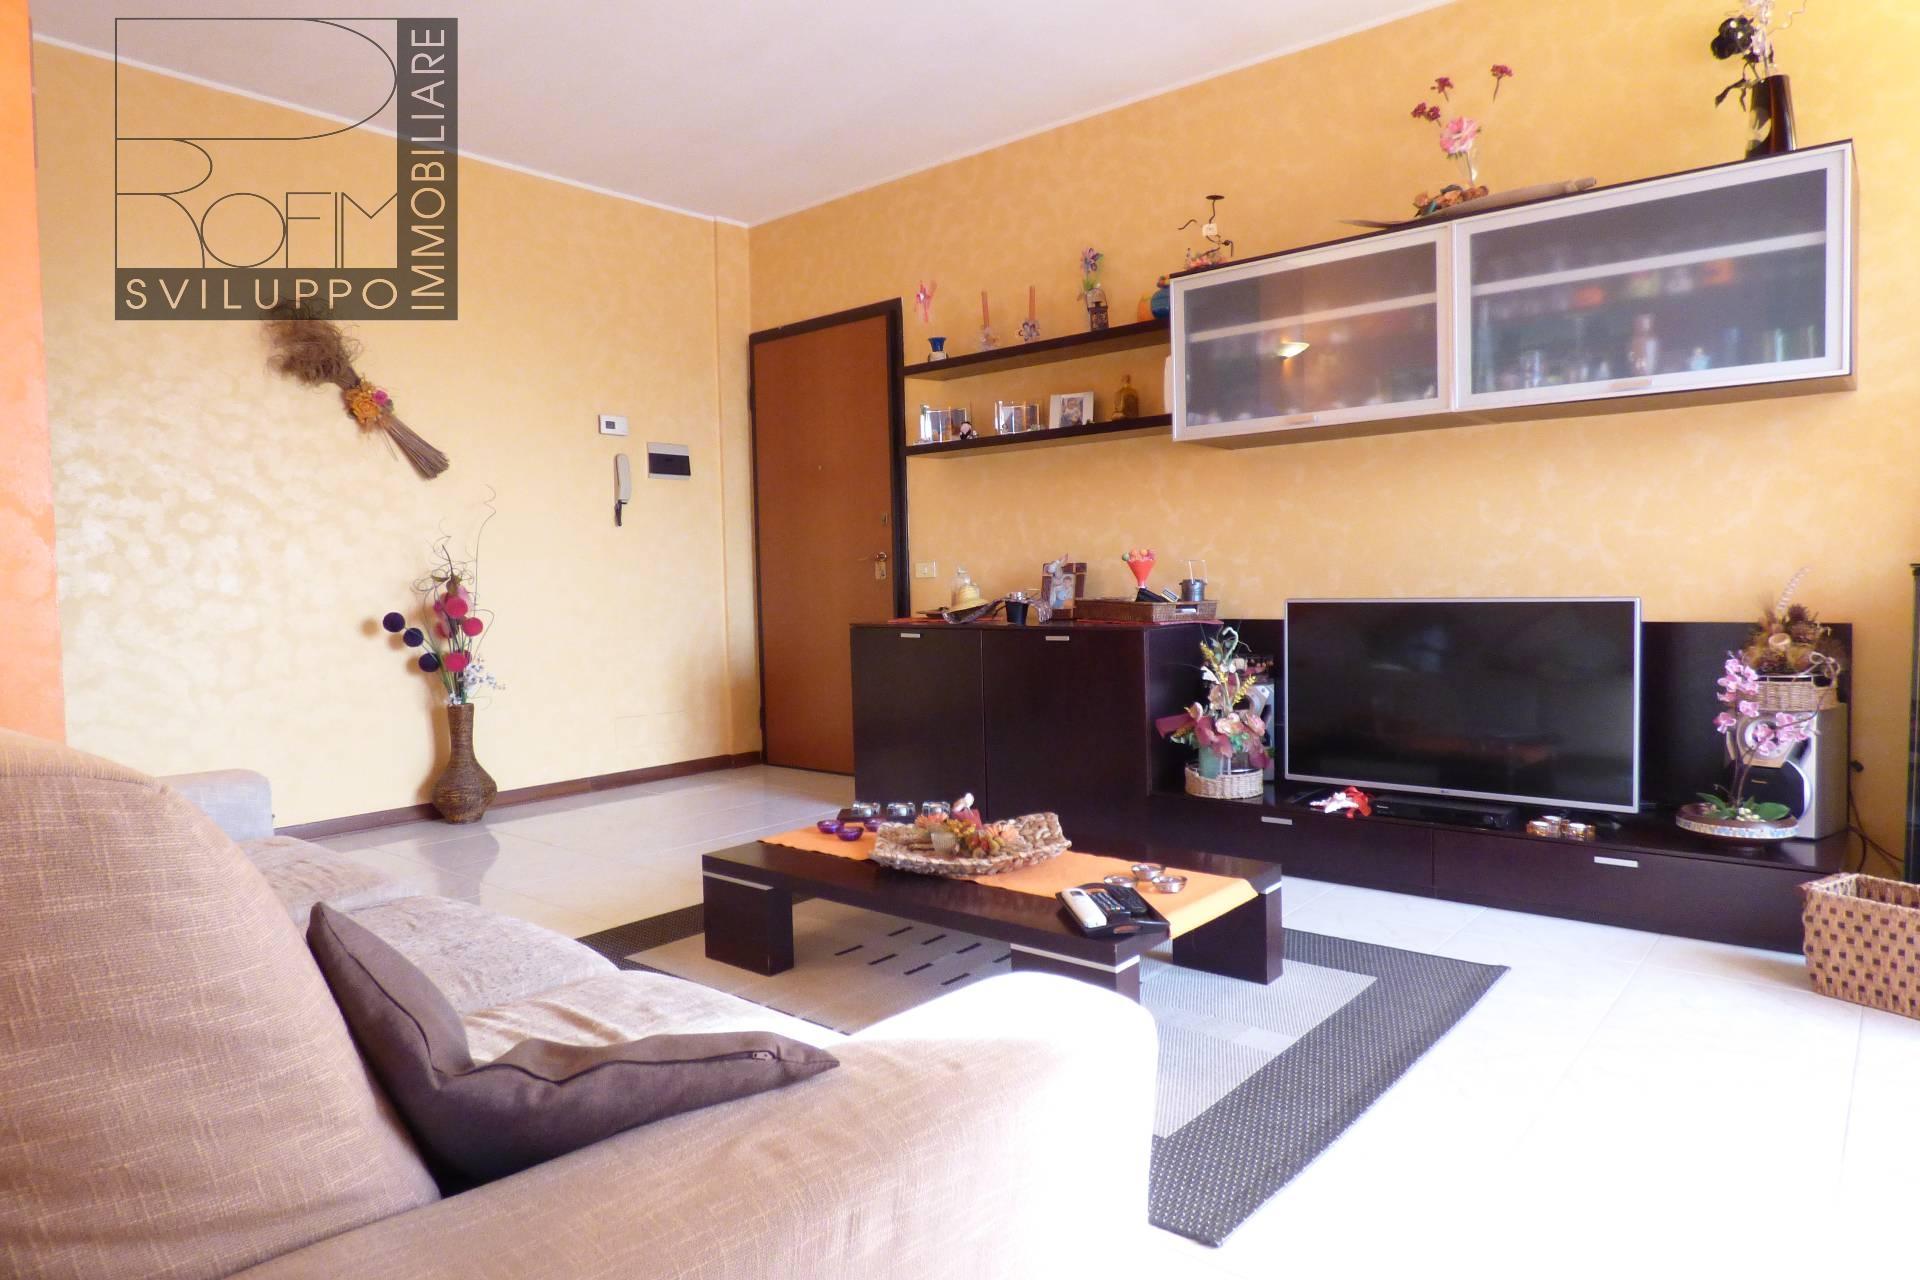 Appartamento in vendita a Mulazzano, 3 locali, prezzo € 120.000 | CambioCasa.it